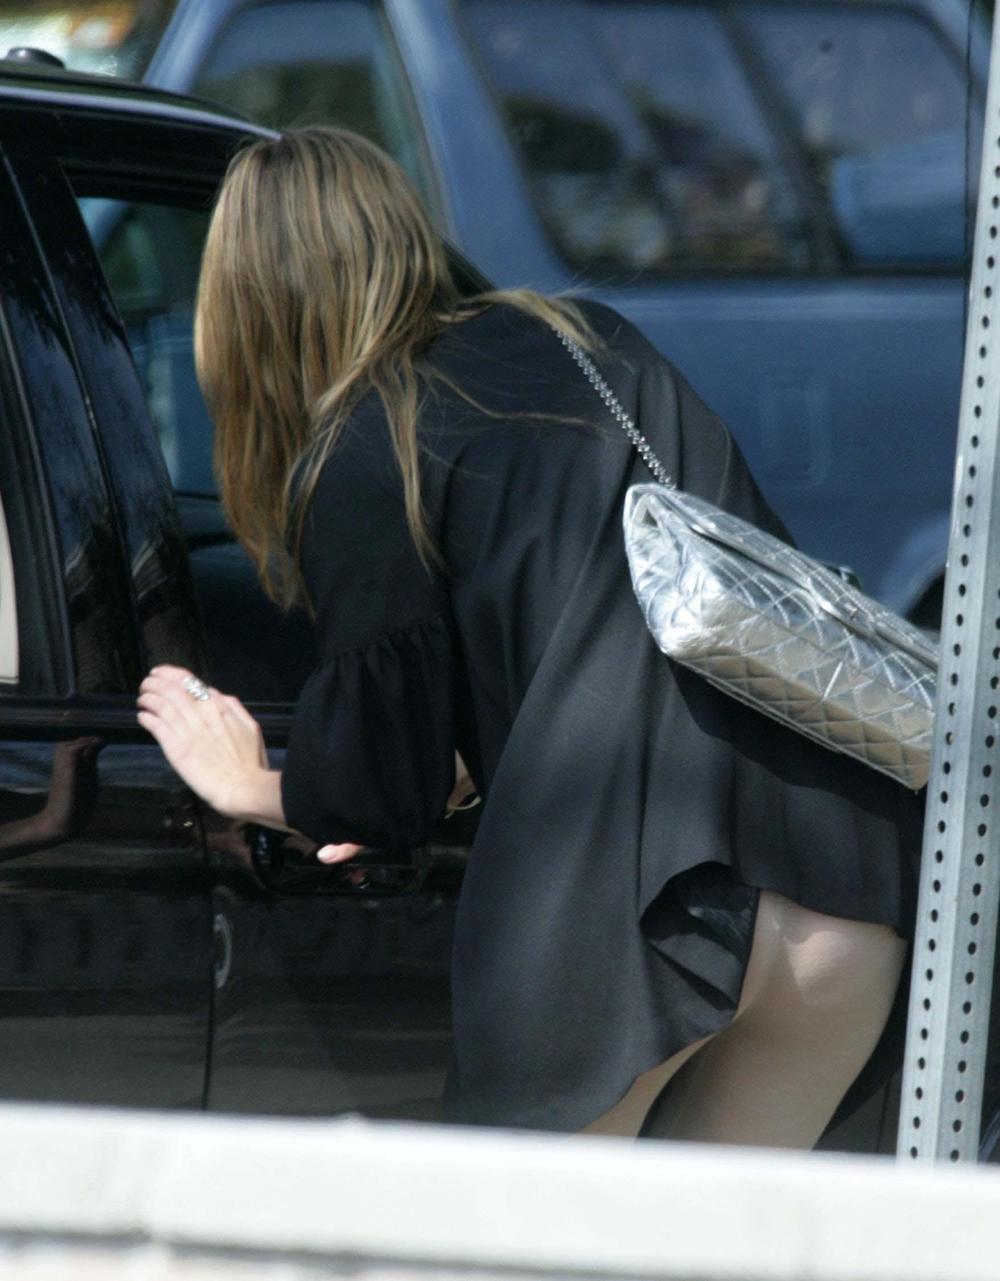 【ハプニングパンチラエロ画像】なんだこれwwwパンチラしてるのに気づかねーの?スカートが引っ掛かってるま~んwww その1